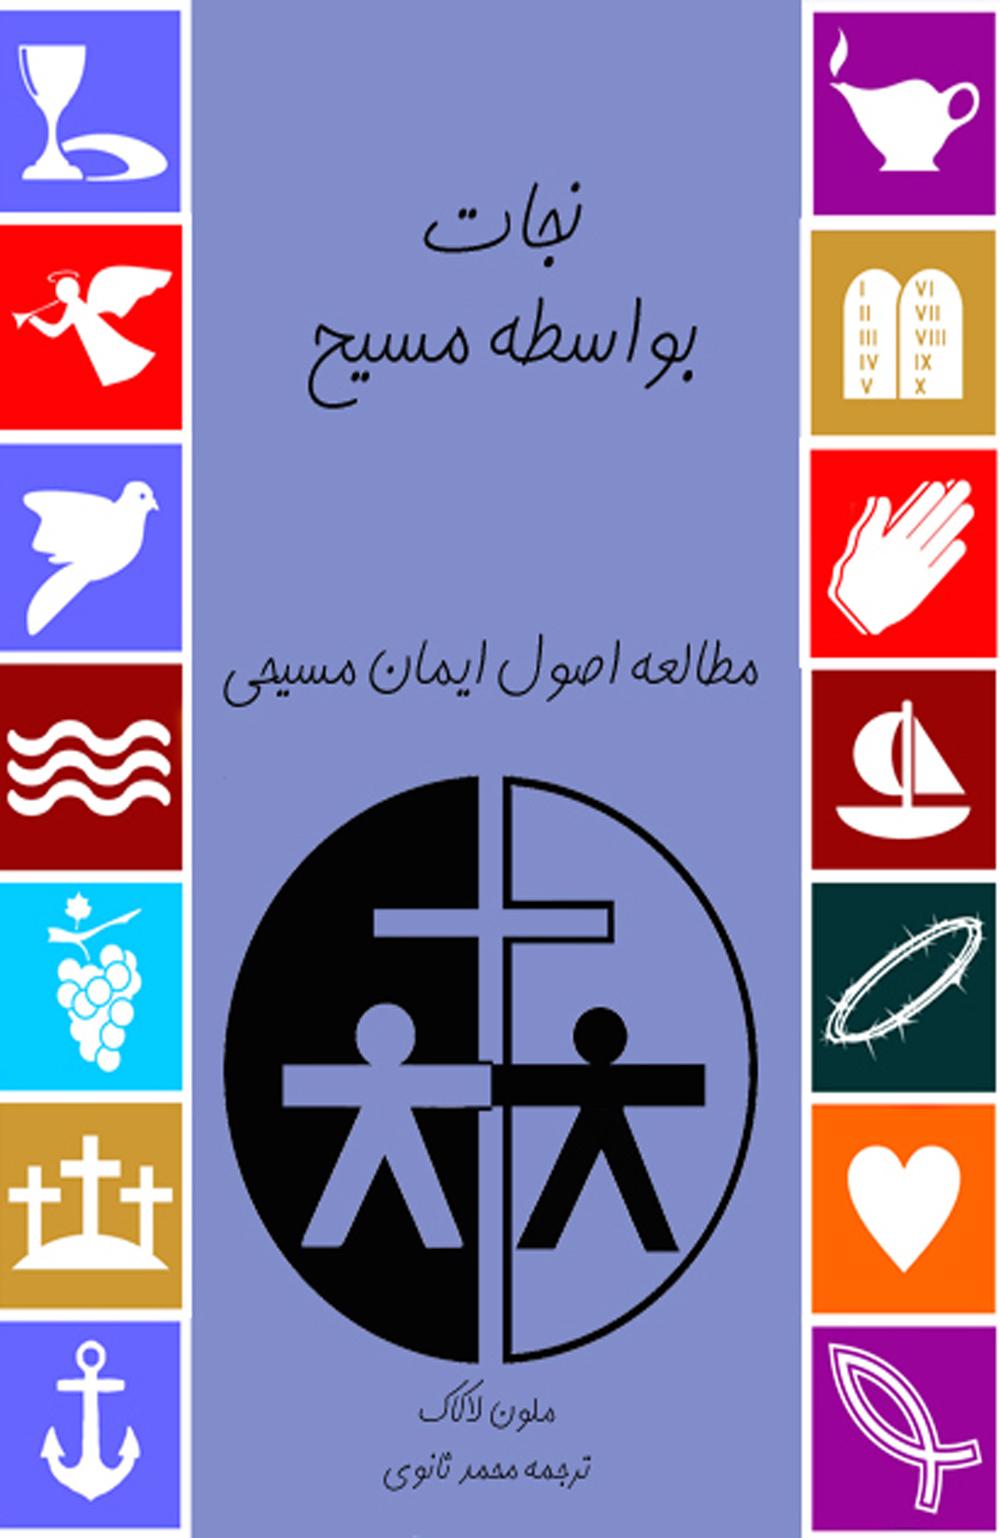 نجات بواسطه مسیح